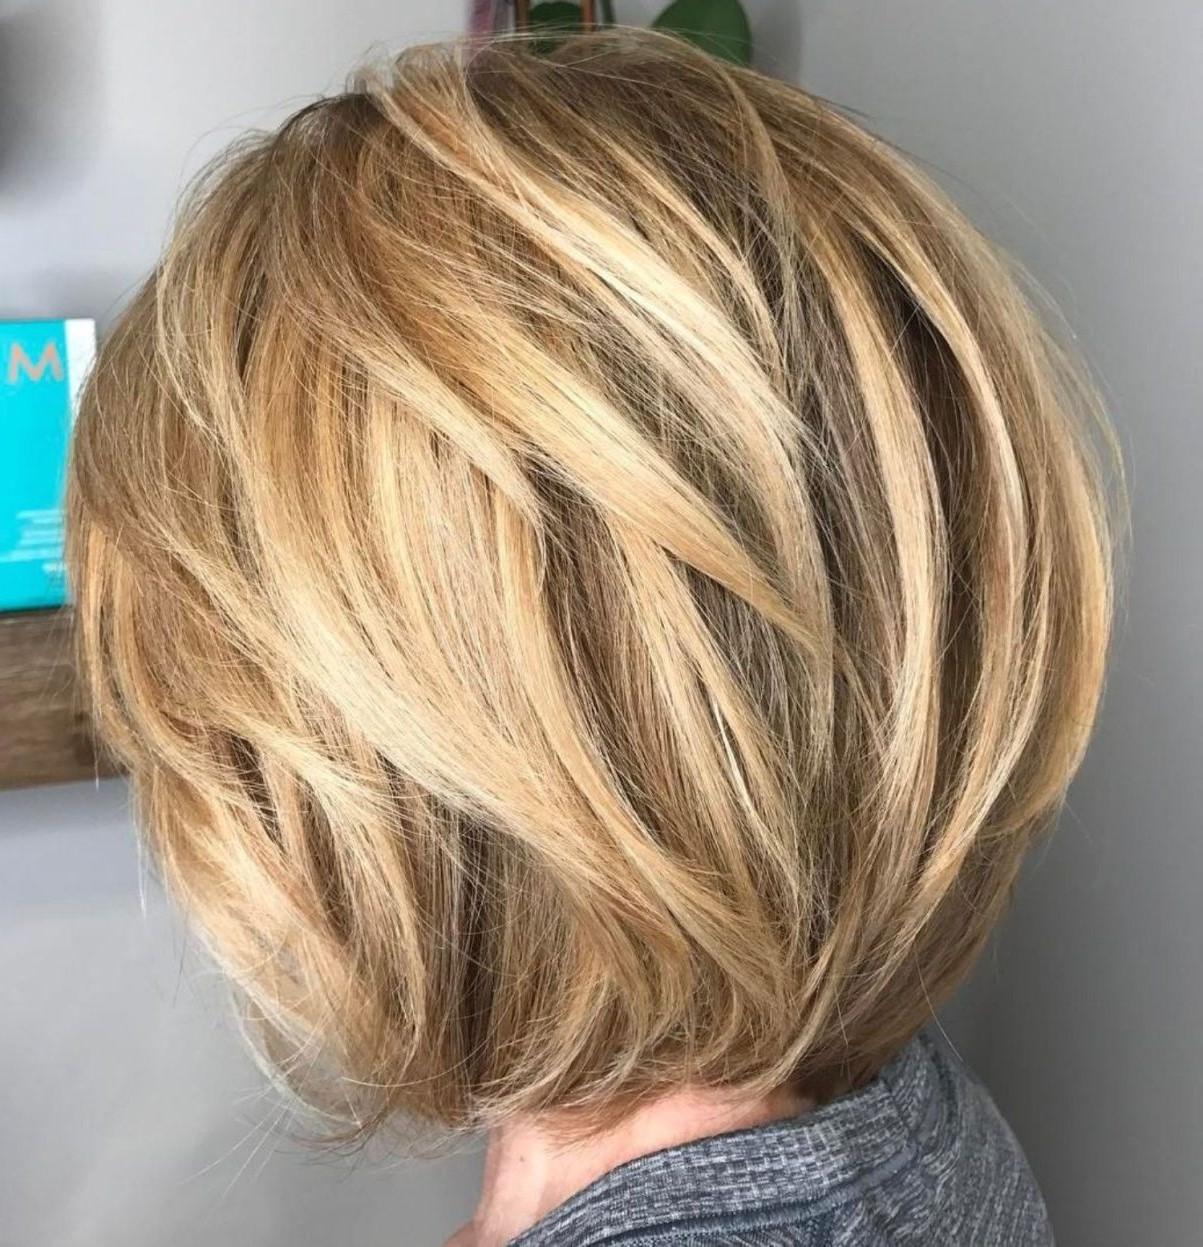 Si vous choisissez également de changer la couleur de vos cheveux, veuillez choisir les bons produits pour vos mèches.